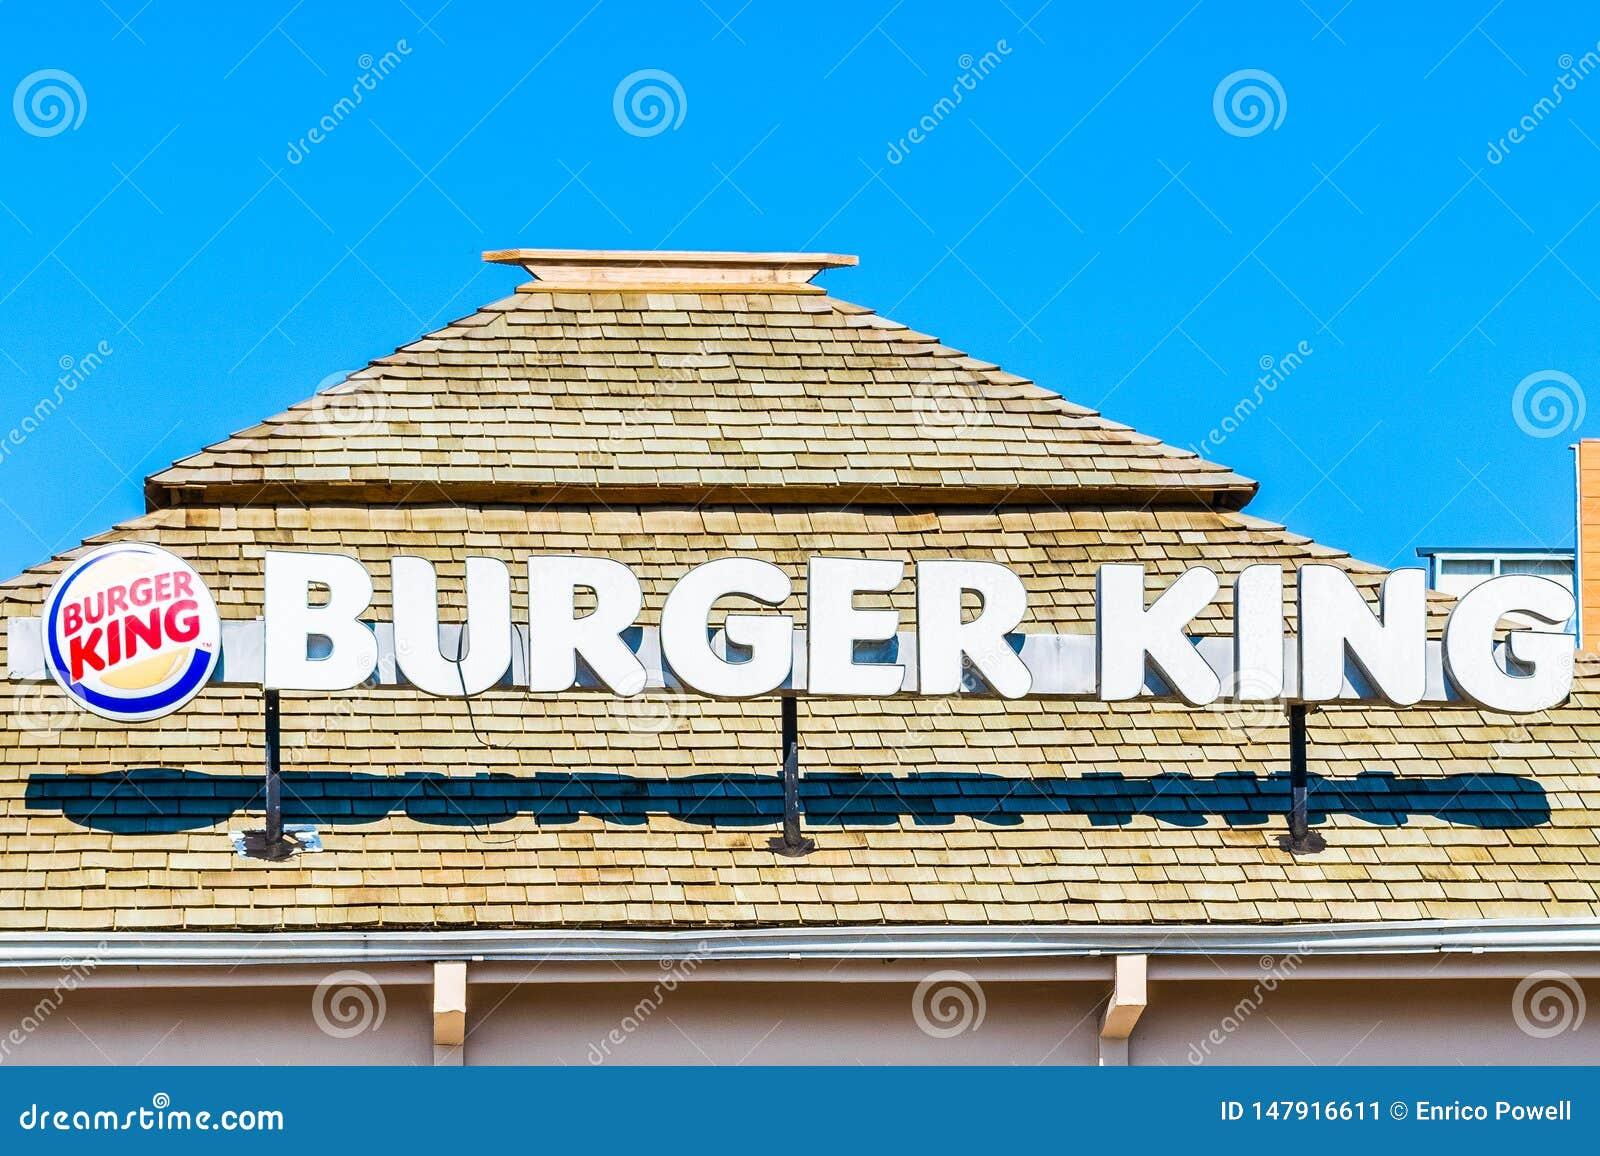 内格里尔牙买加美国便当链子汉堡王,在Jamaicans中的一家喜爱的便当餐馆特权分支